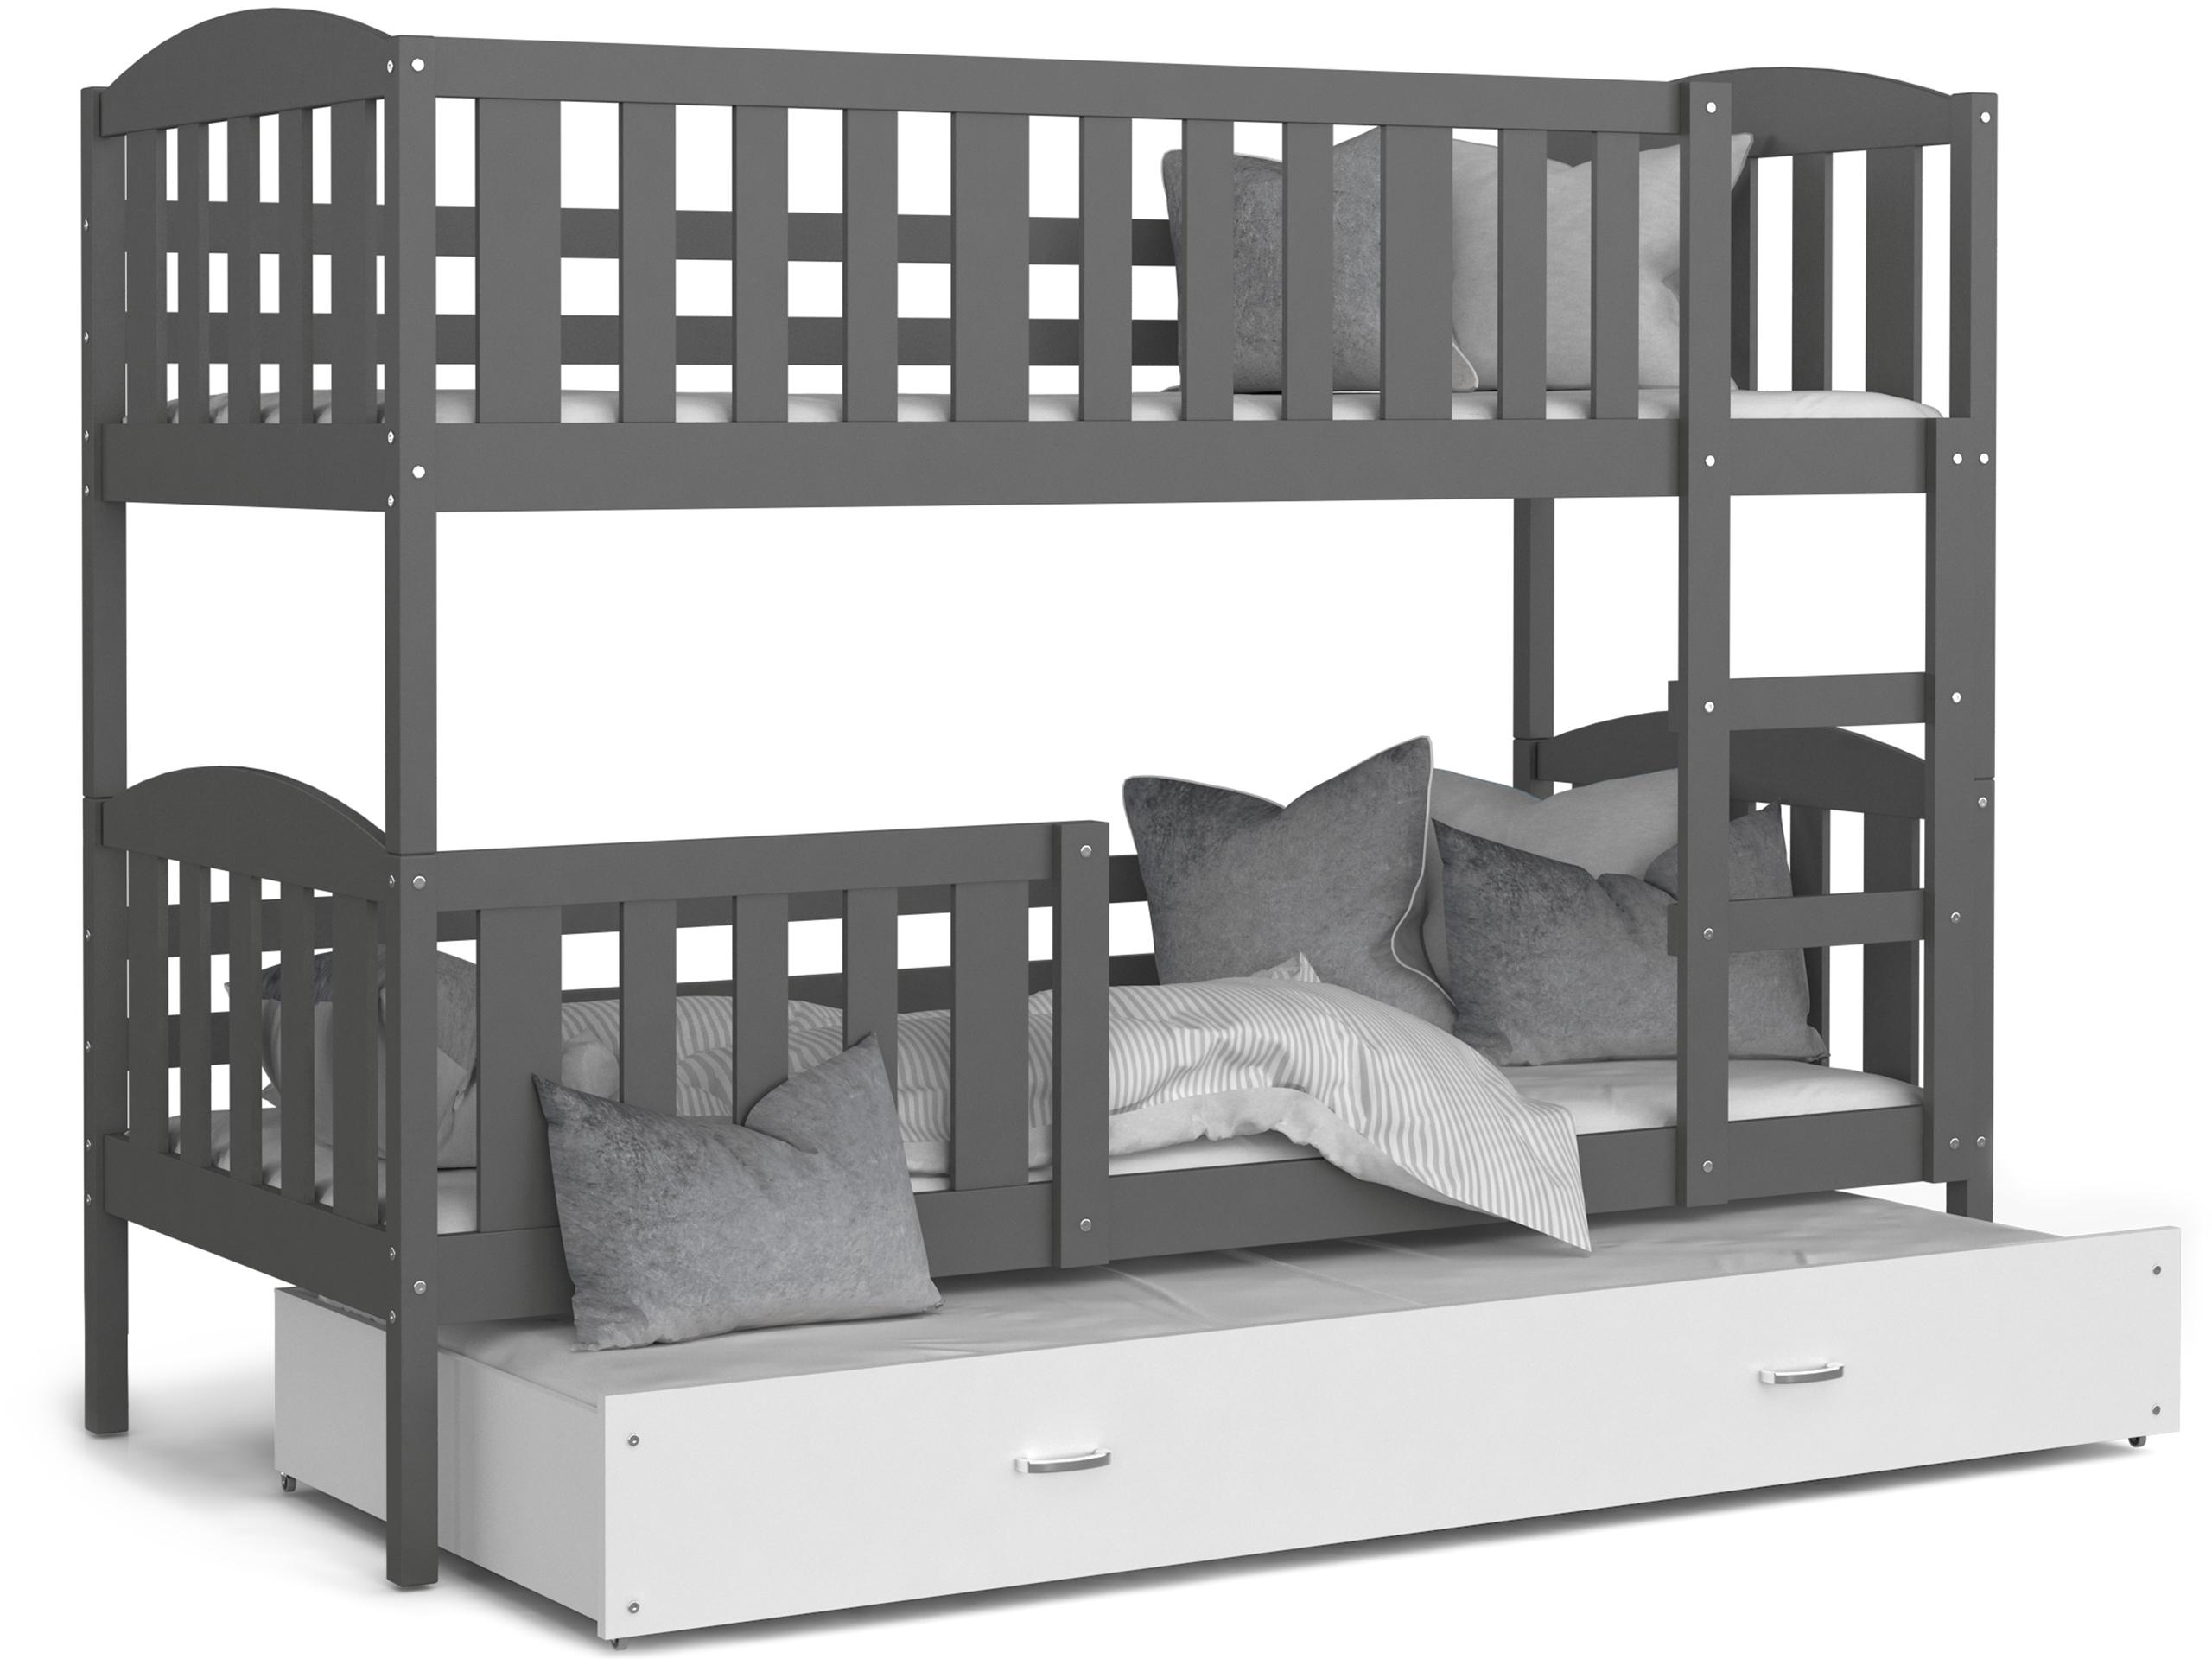 ArtAJ Detská poschodová posteľ Kubuš 3 | 190 x 80 cm Farba: Sivá / biela, Prevedenie: bez matraca, Rozmer.: MDF